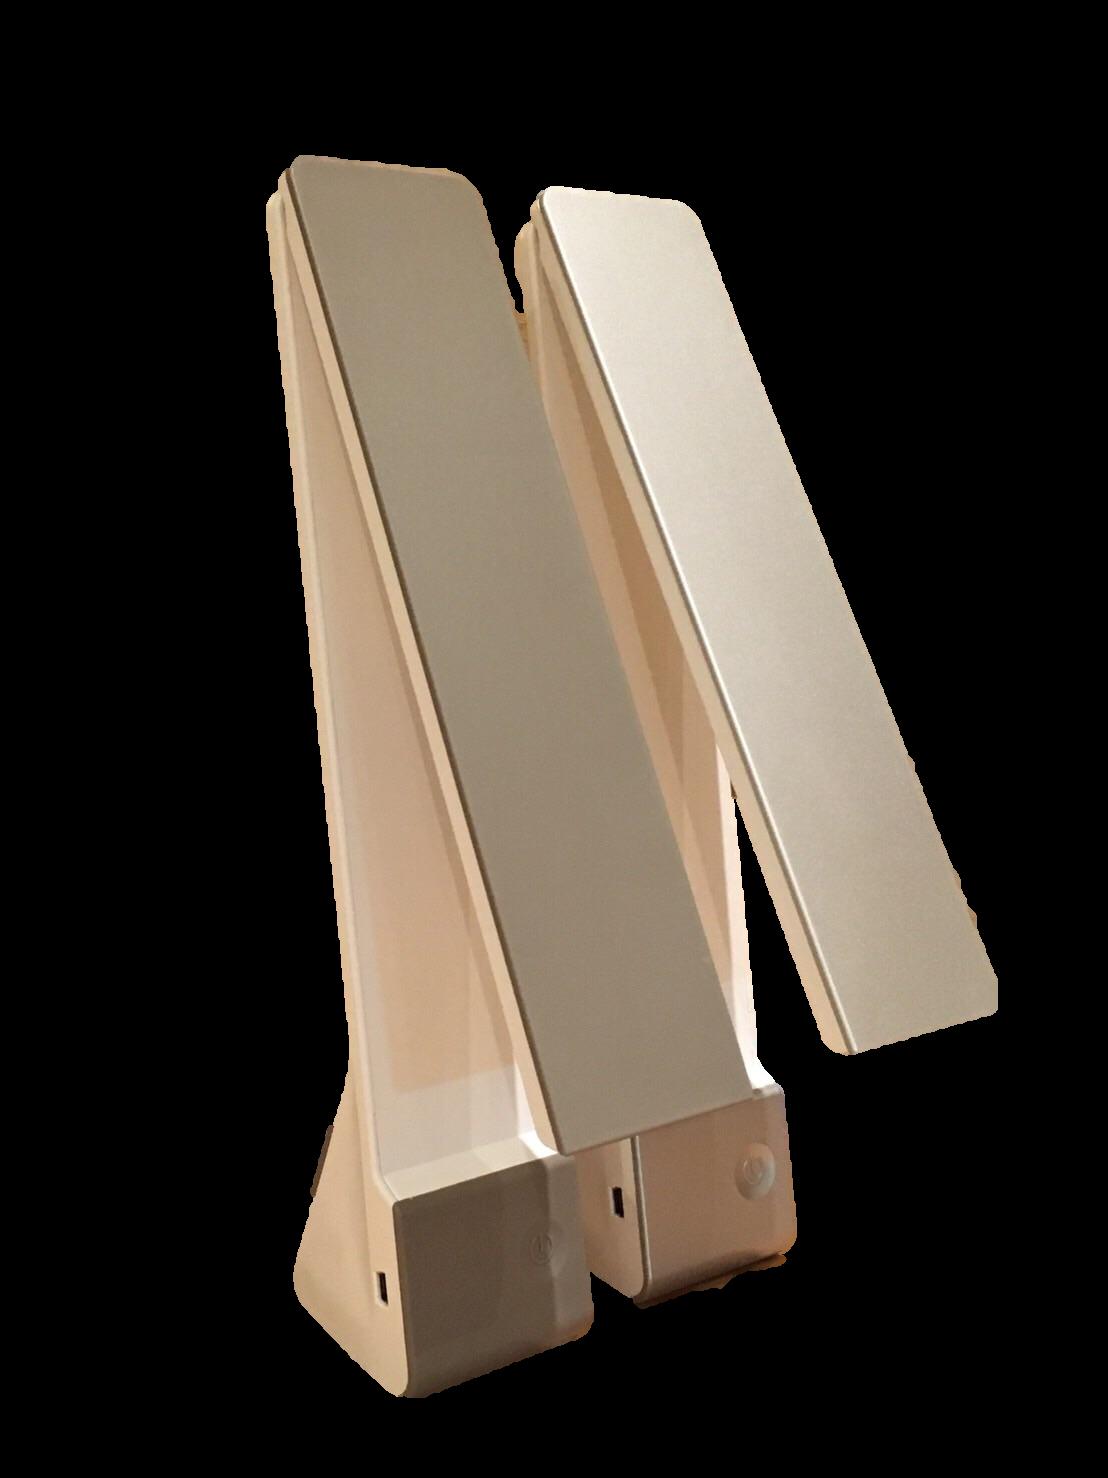 @免運@LED無線隨身檯燈/4w/USB充電/移動照明/擺設隨心所欲 /三段式燈光可調